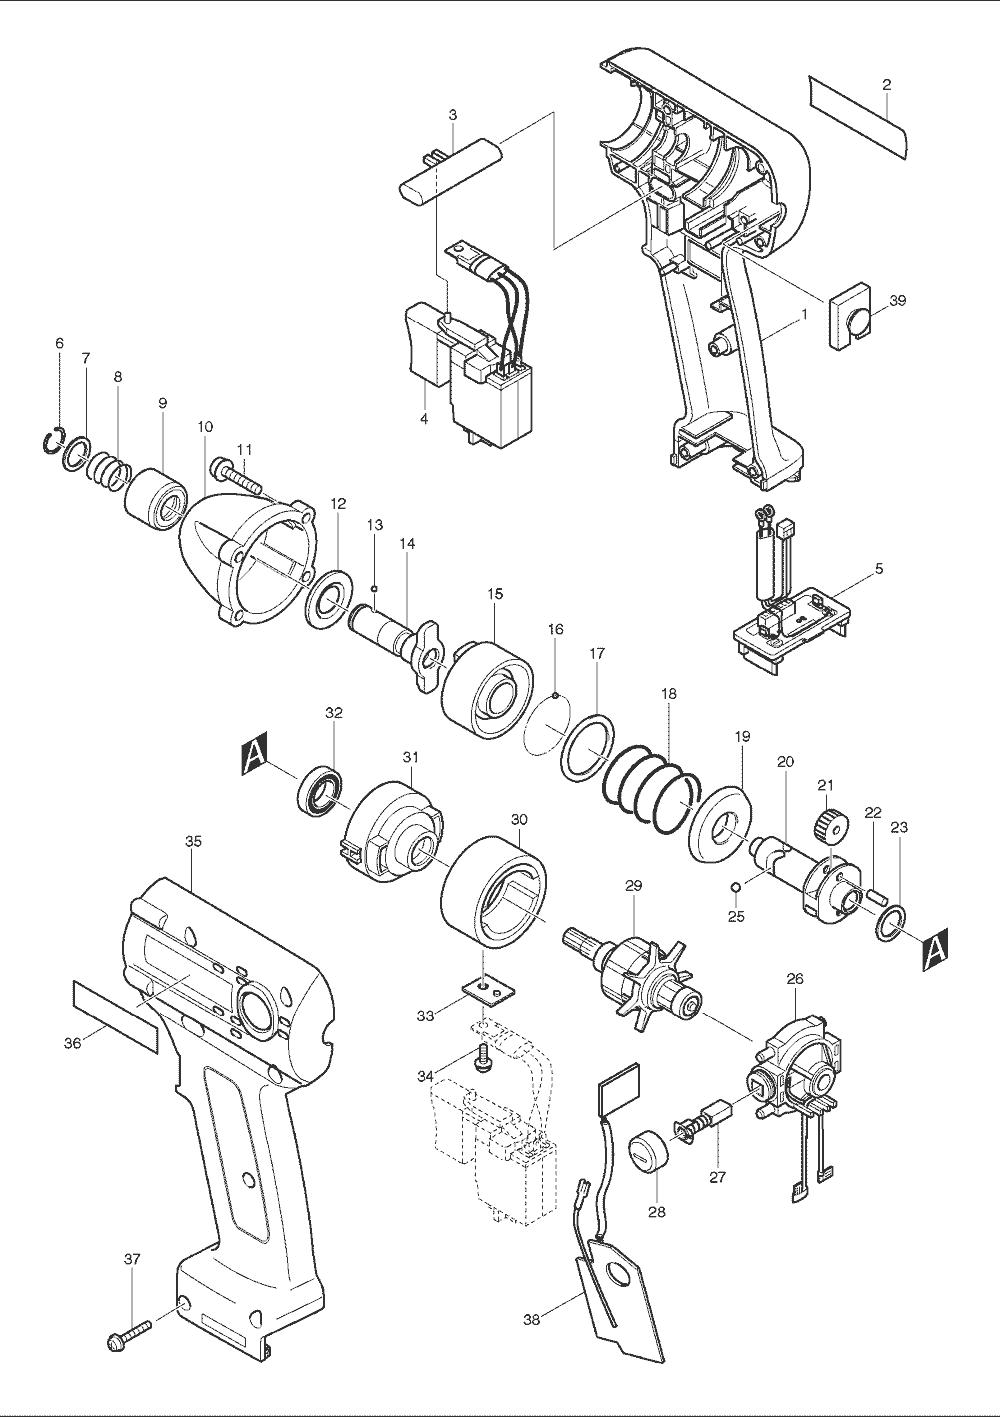 Buy Makita Btd062 Replacement Tool Parts